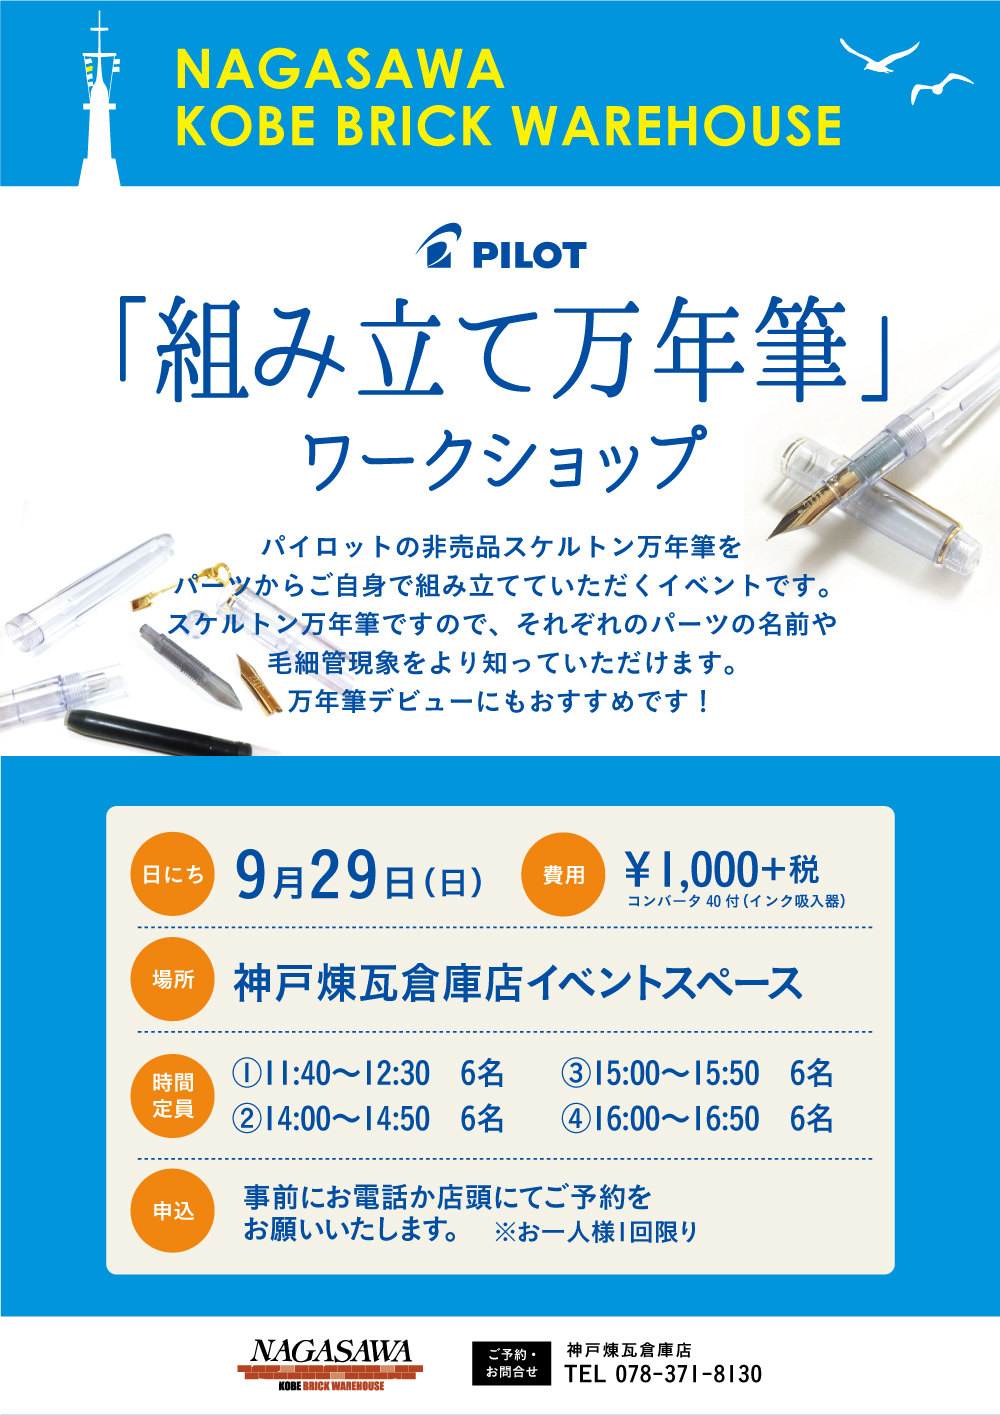 【神戸煉瓦倉庫店】パイロット 非売品スケルトン万年筆を組み立てよう!|万年筆を組み立てるワークショップ